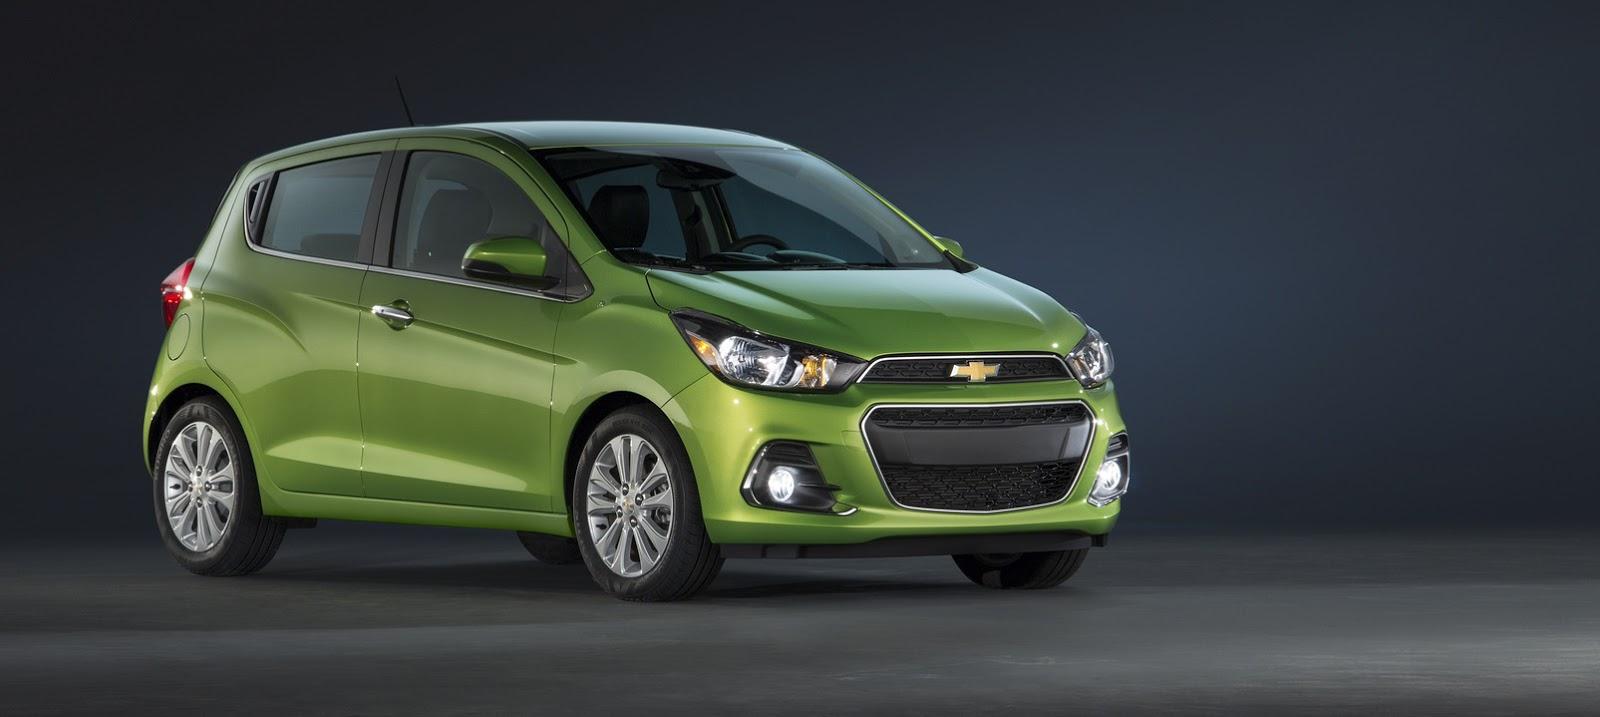 Chevrolet Spark (2016) 5